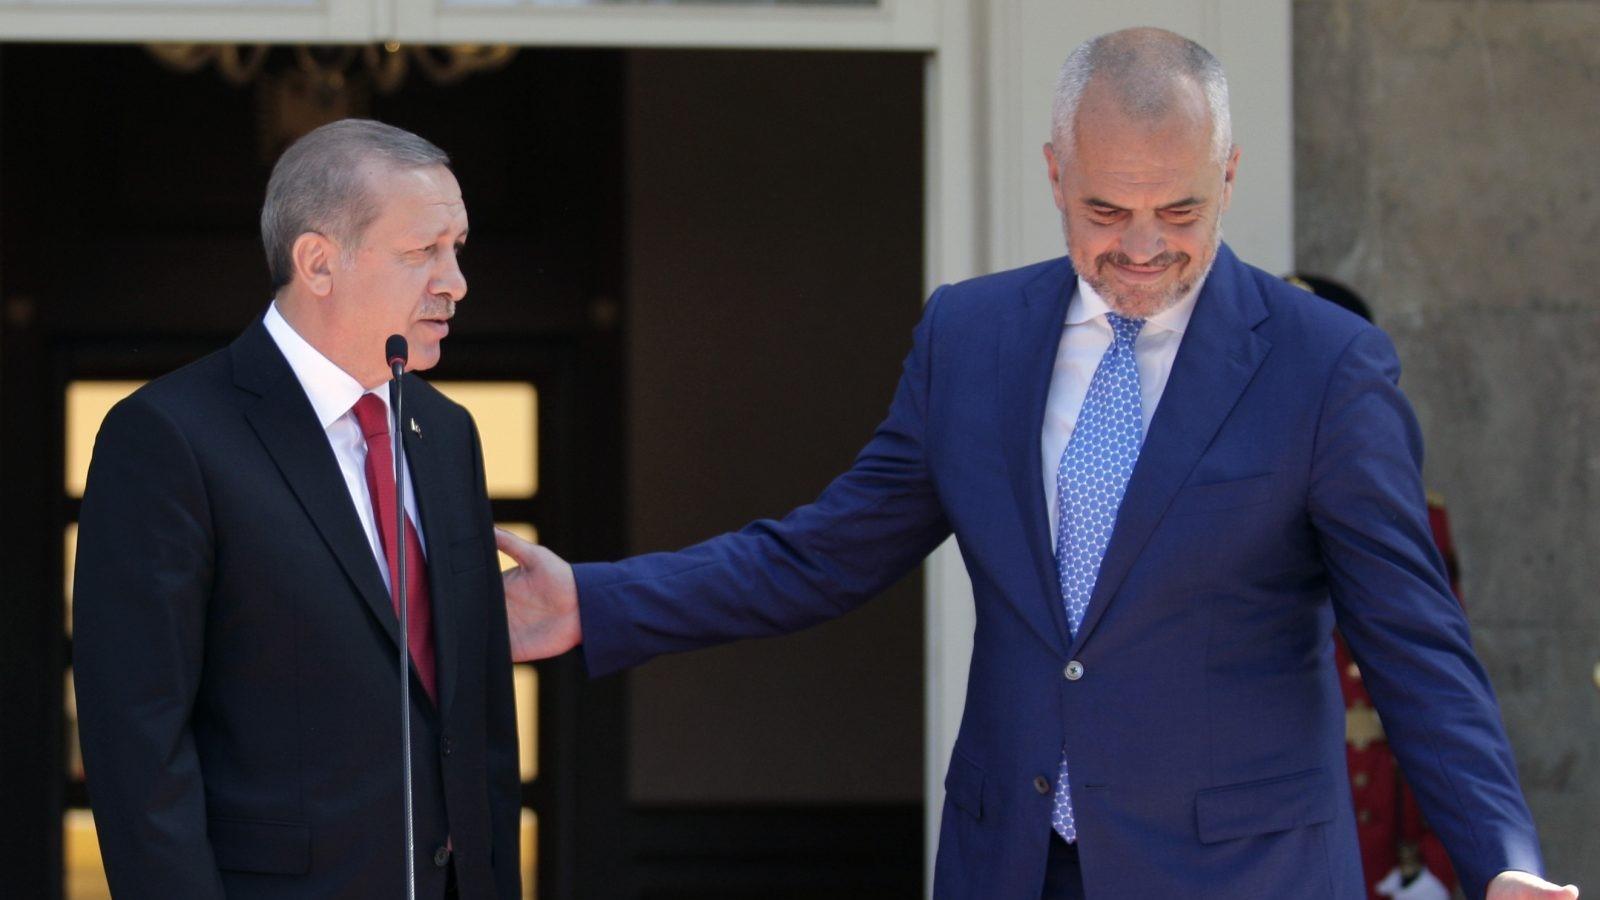 Stambolli dhe Tirana versione të kundërta mbi dëbimin e mësuesit turk